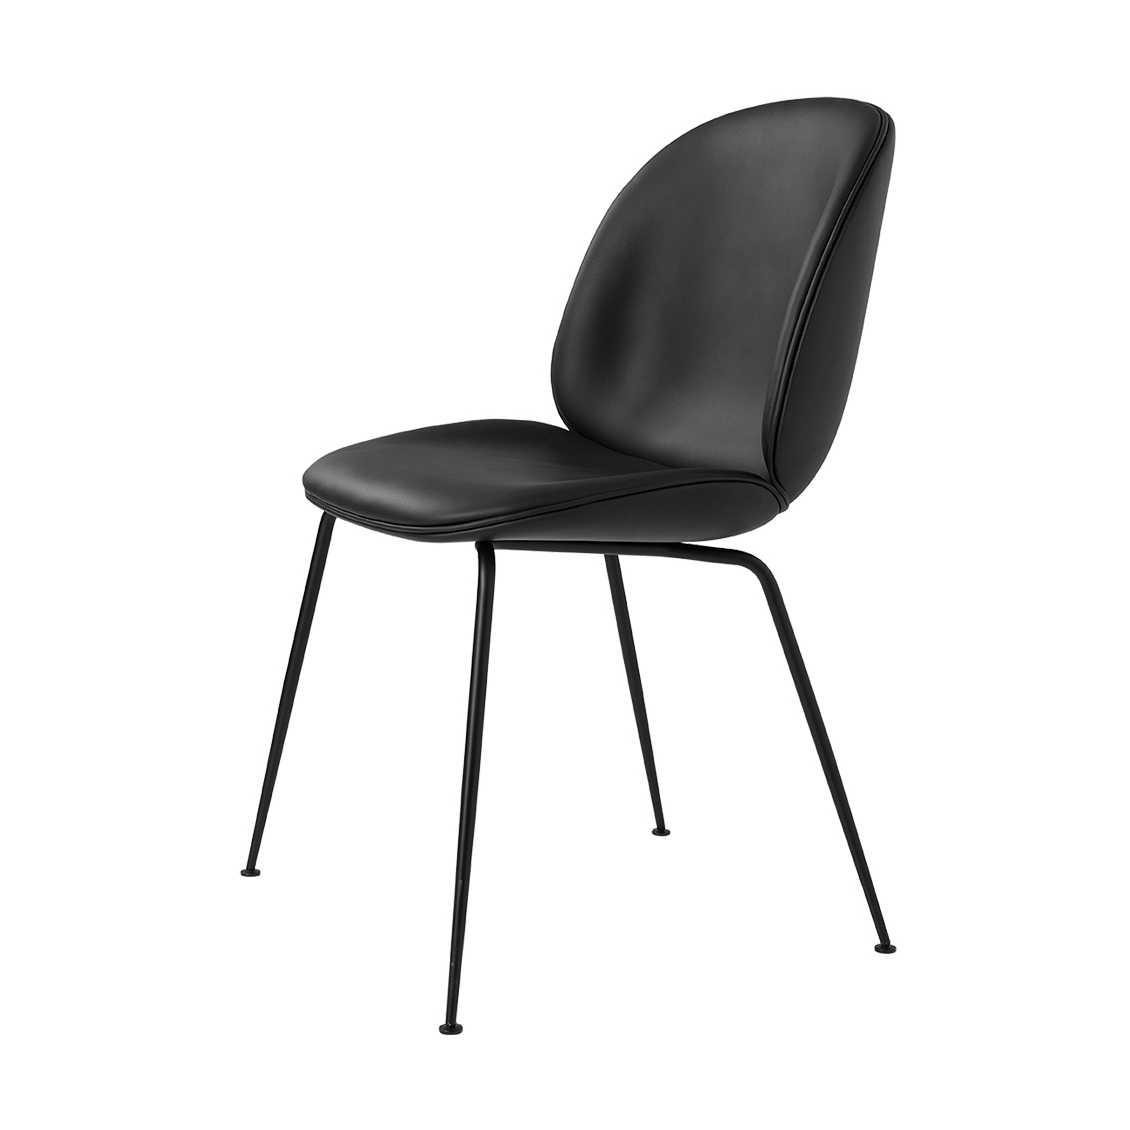 gubi beetle chair for sale at world of jspr buy directly. Black Bedroom Furniture Sets. Home Design Ideas